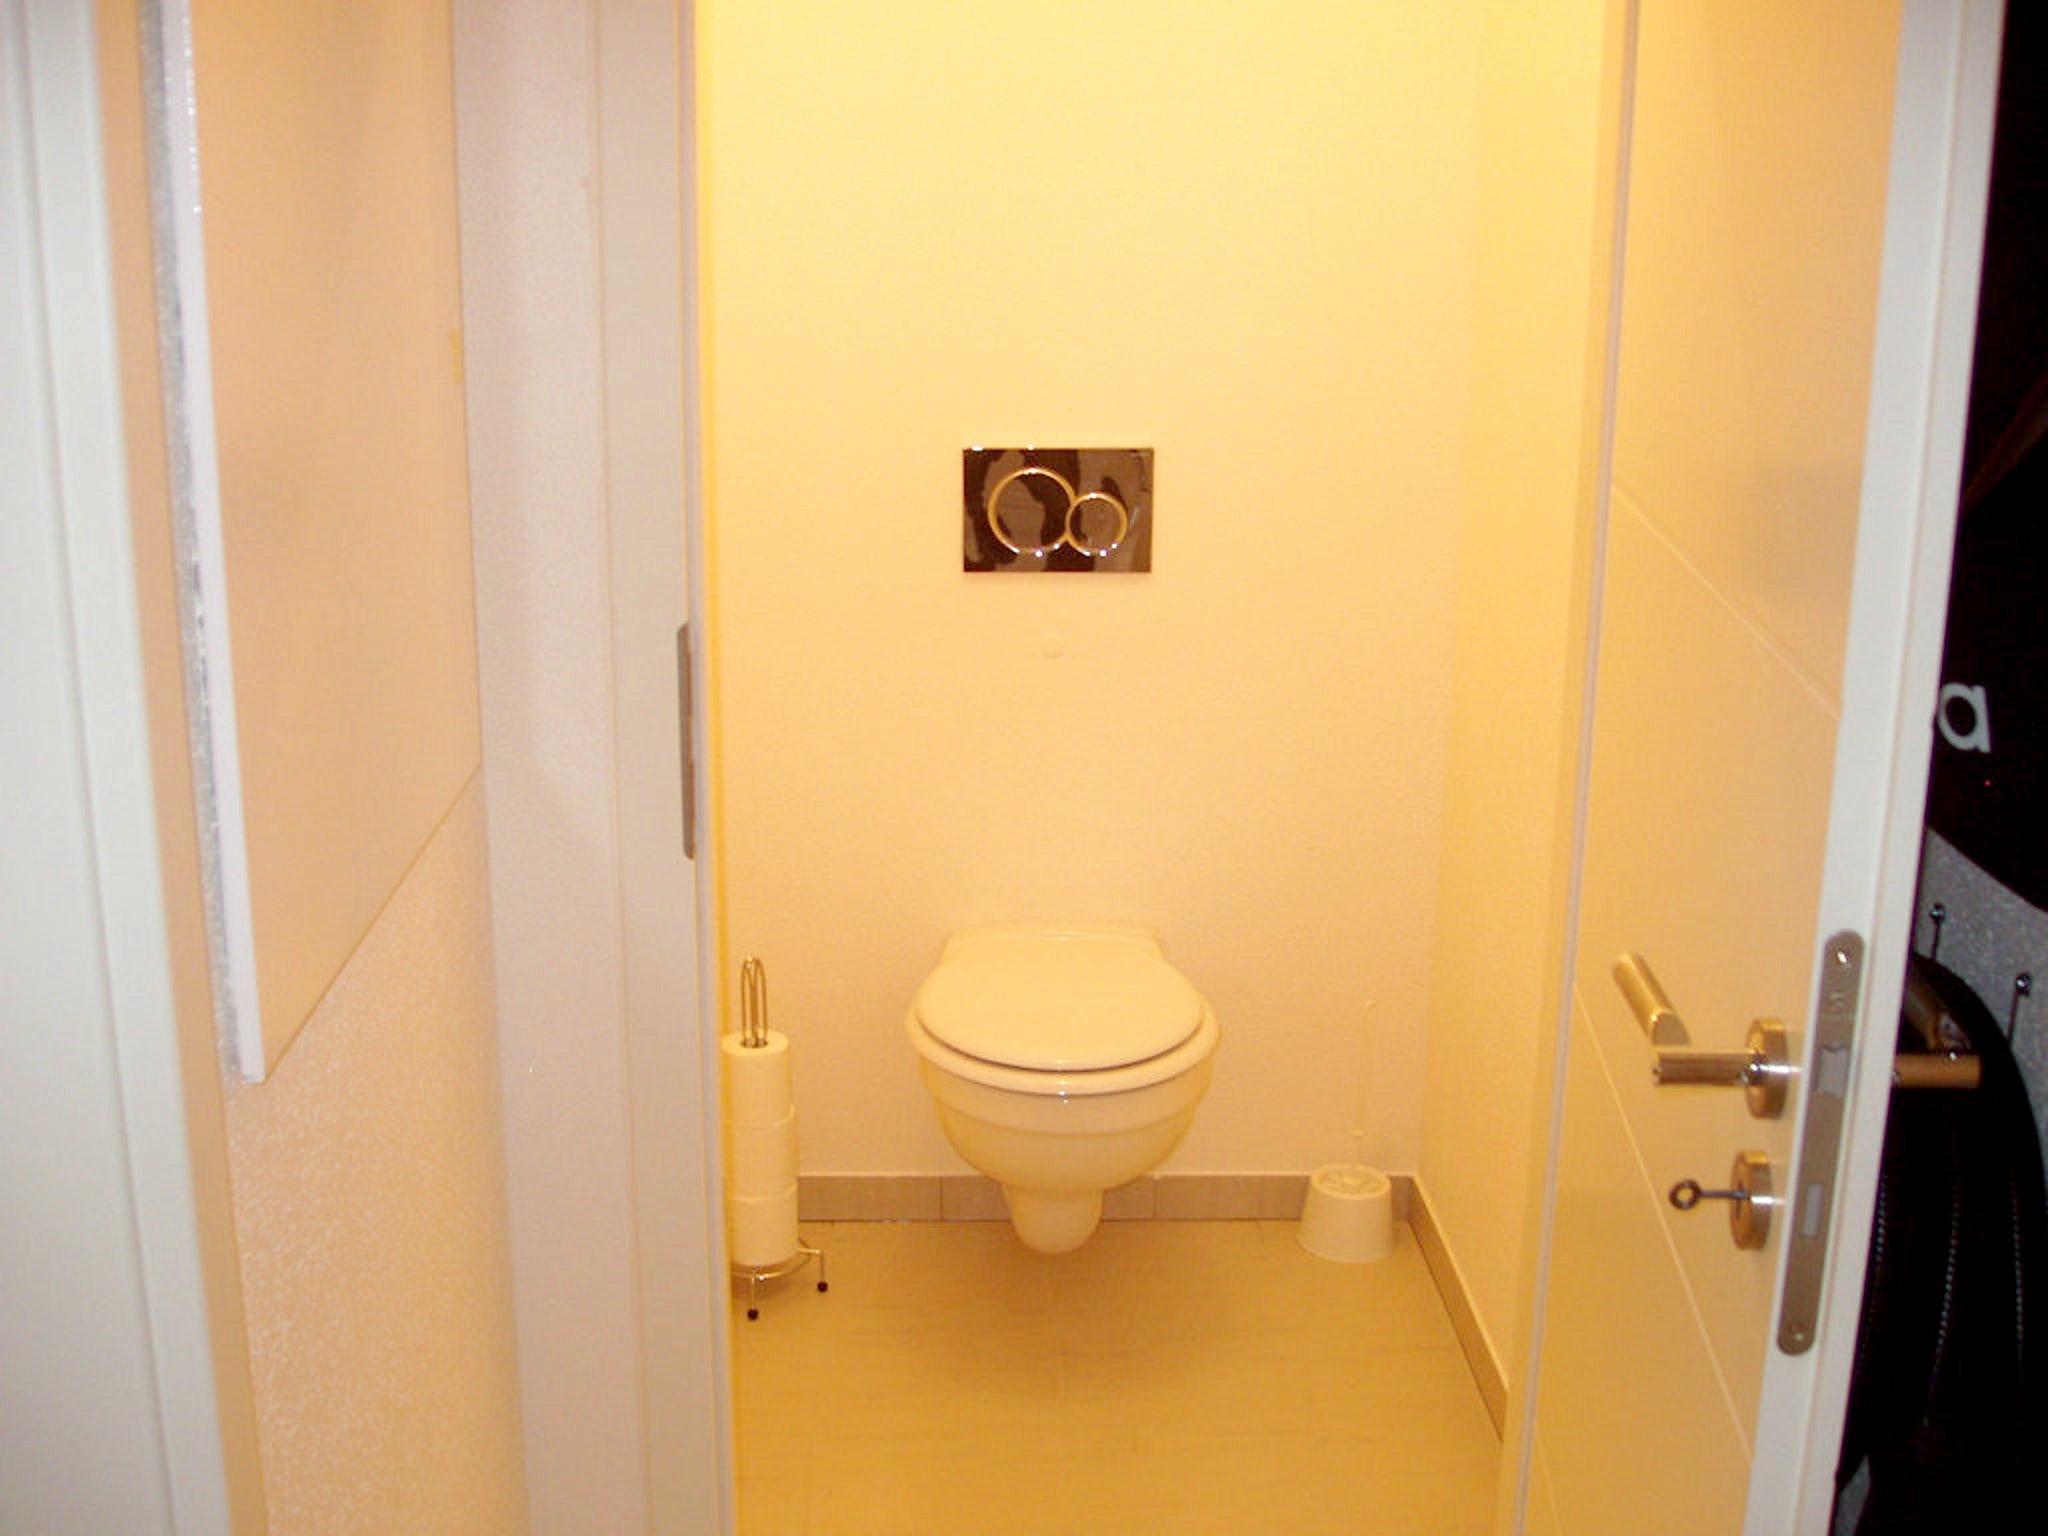 Maison de vacances Haus mit 2 Schlafzimmern in Villard-Saint-Sauveur mit toller Aussicht auf die Berge und ei (2704040), Villard sur Bienne, Jura, Franche-Comté, France, image 22